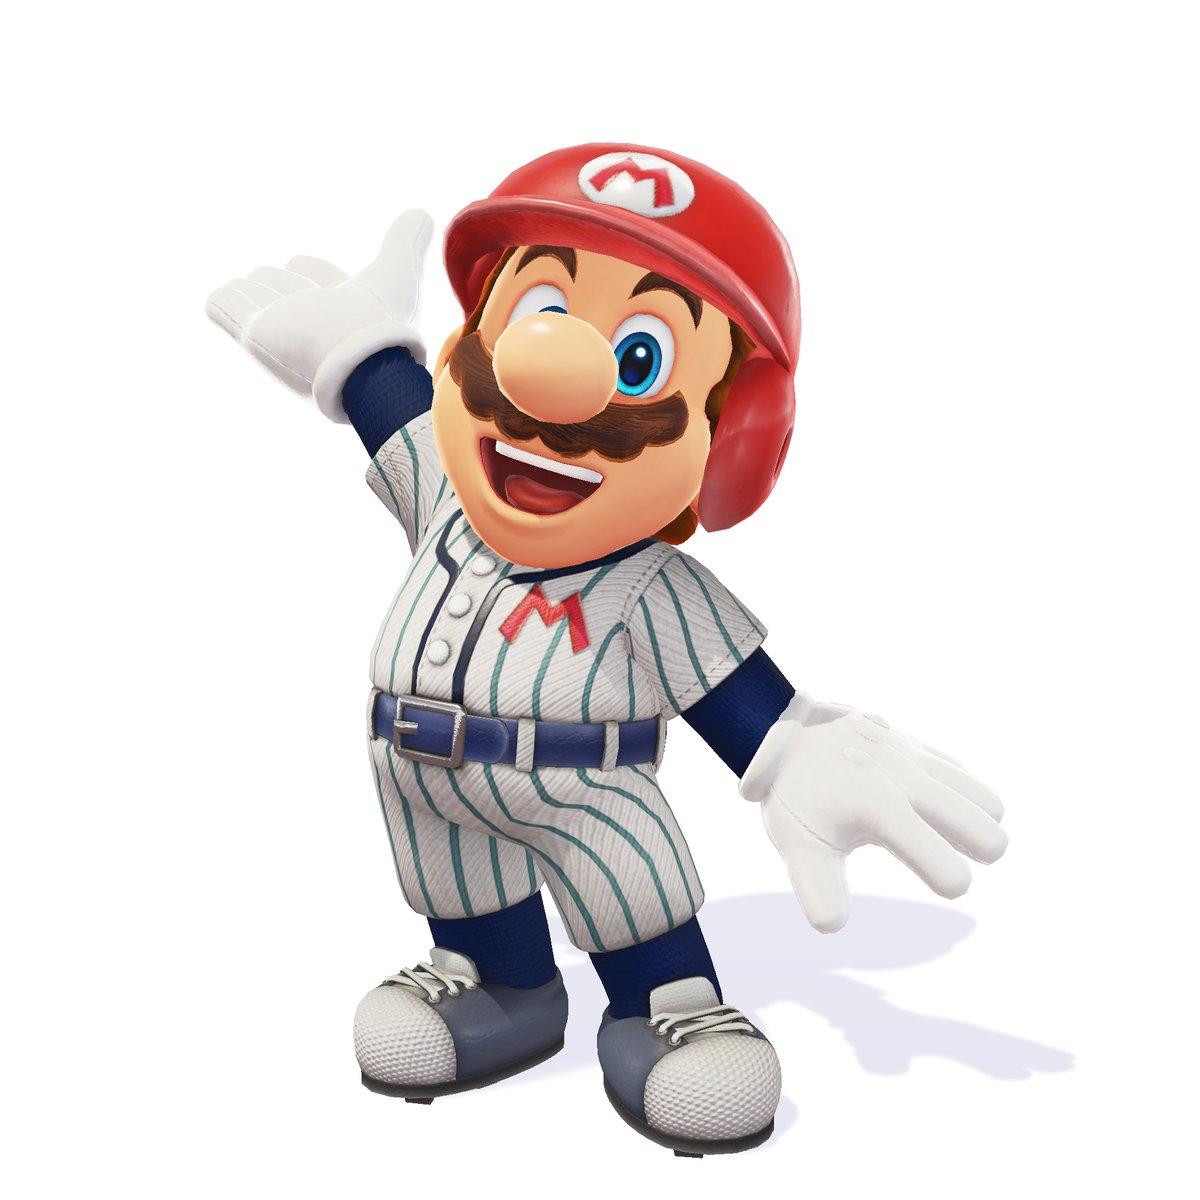 Resultado de imagen para Super mario odyssey nuevos trajes satellaview y baseball